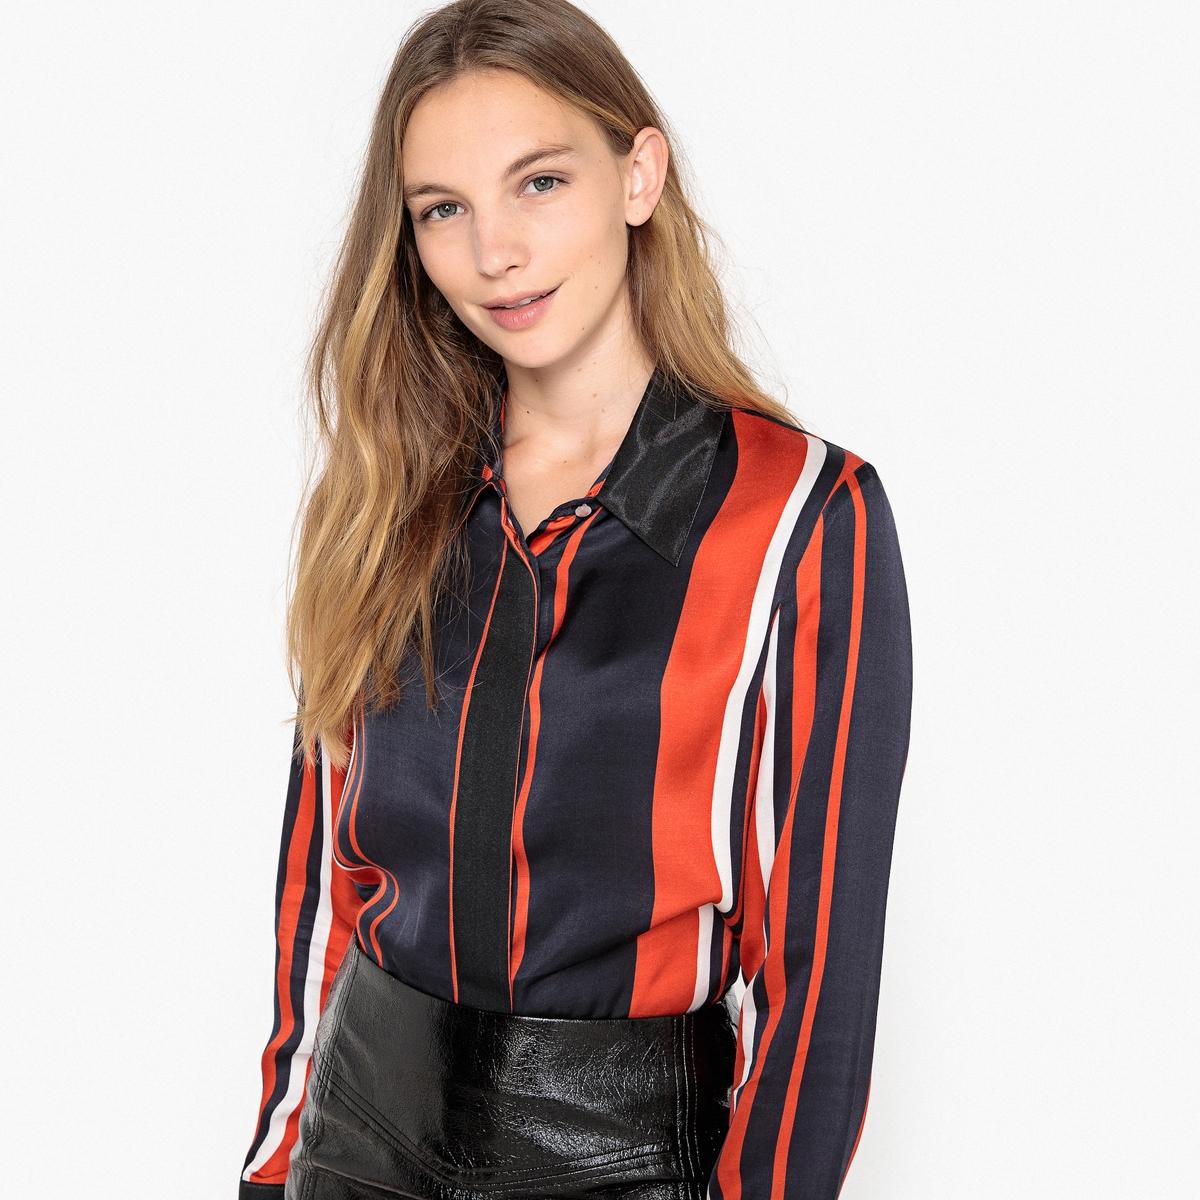 Camisa con forma cuadrada, a rayas negro y rojo